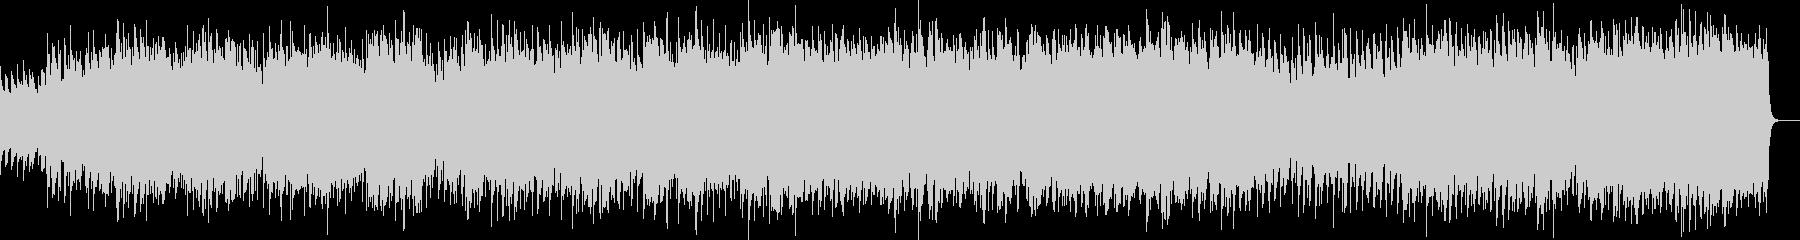 ほのぼのしたウクレレとピアノのBGMの未再生の波形